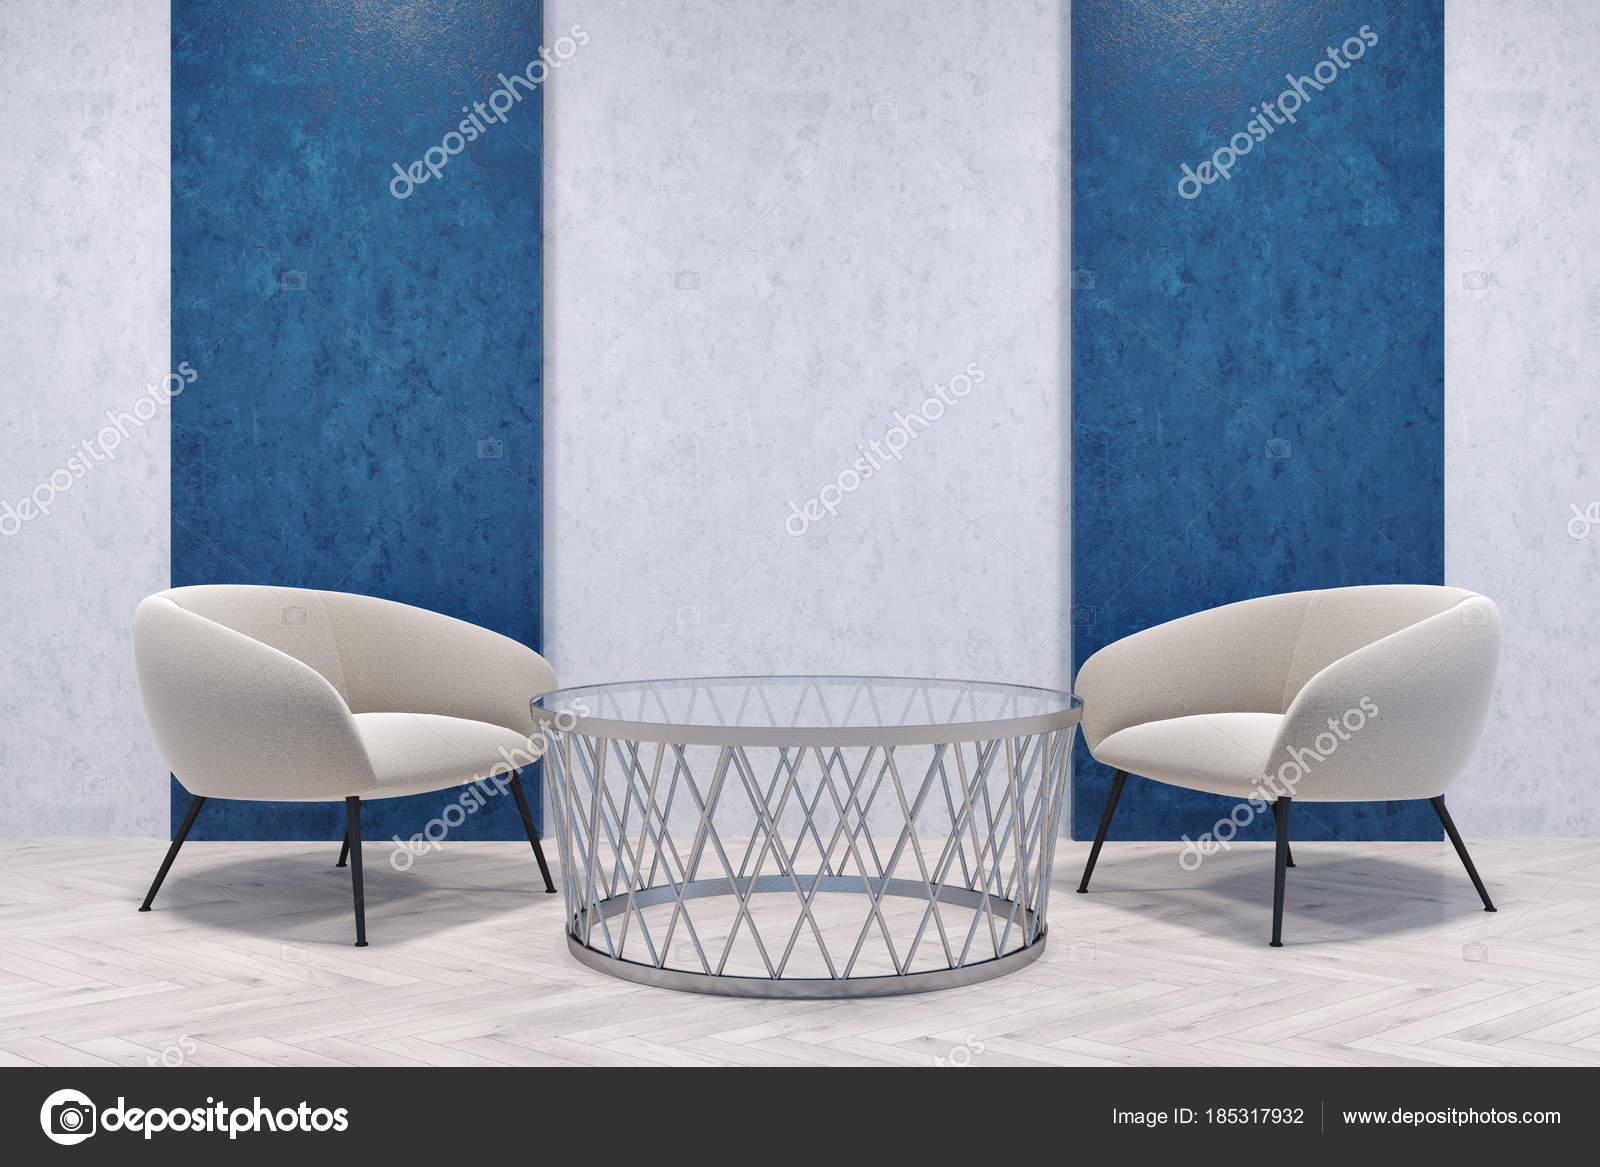 Fauteuils blancs dans une chambre bleue et grise ...